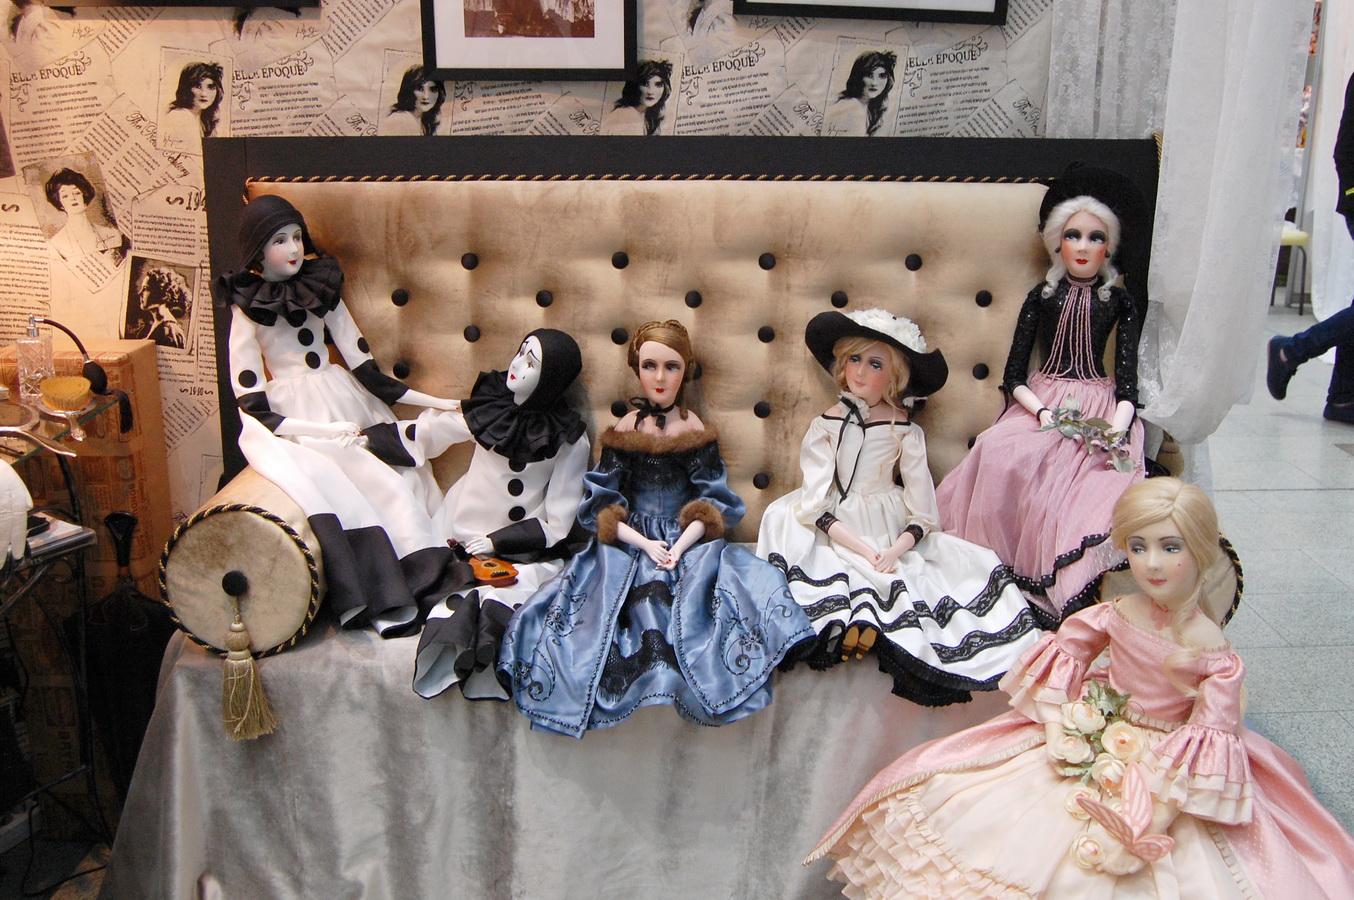 фотография красивых будуарных кукол на выставке